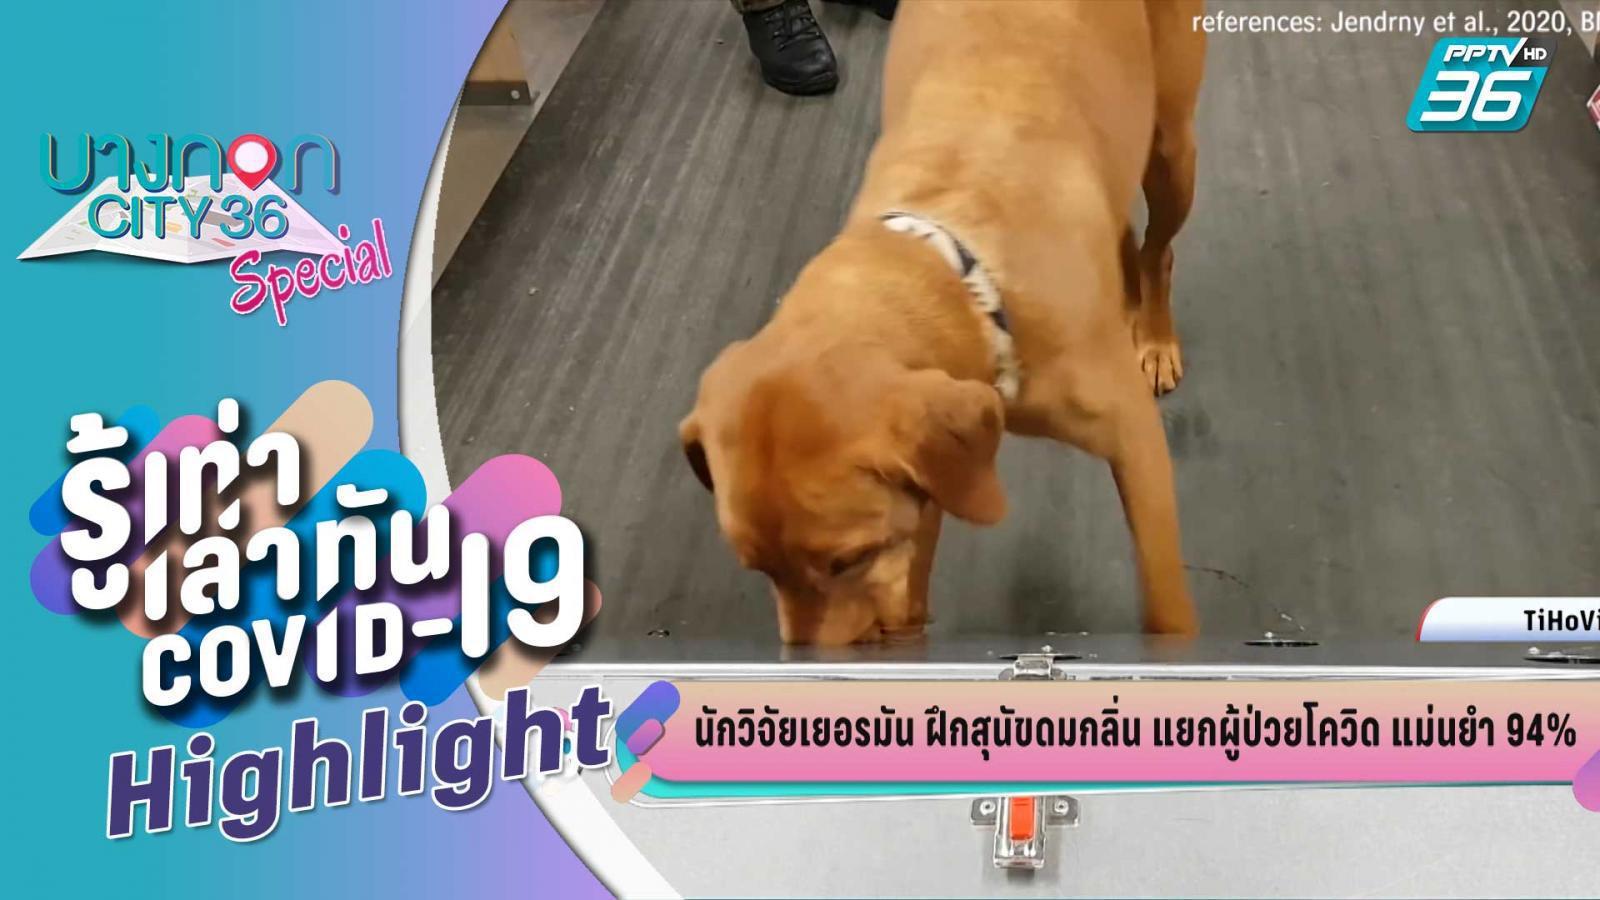 บางกอกซิตี้ เลขที่ 36 | นักวิจัยเยอรมัน ฝึกสุนัขดมแยกผู้ป่วยโควิด แม่นยำ 94% |  PPTV HD 36